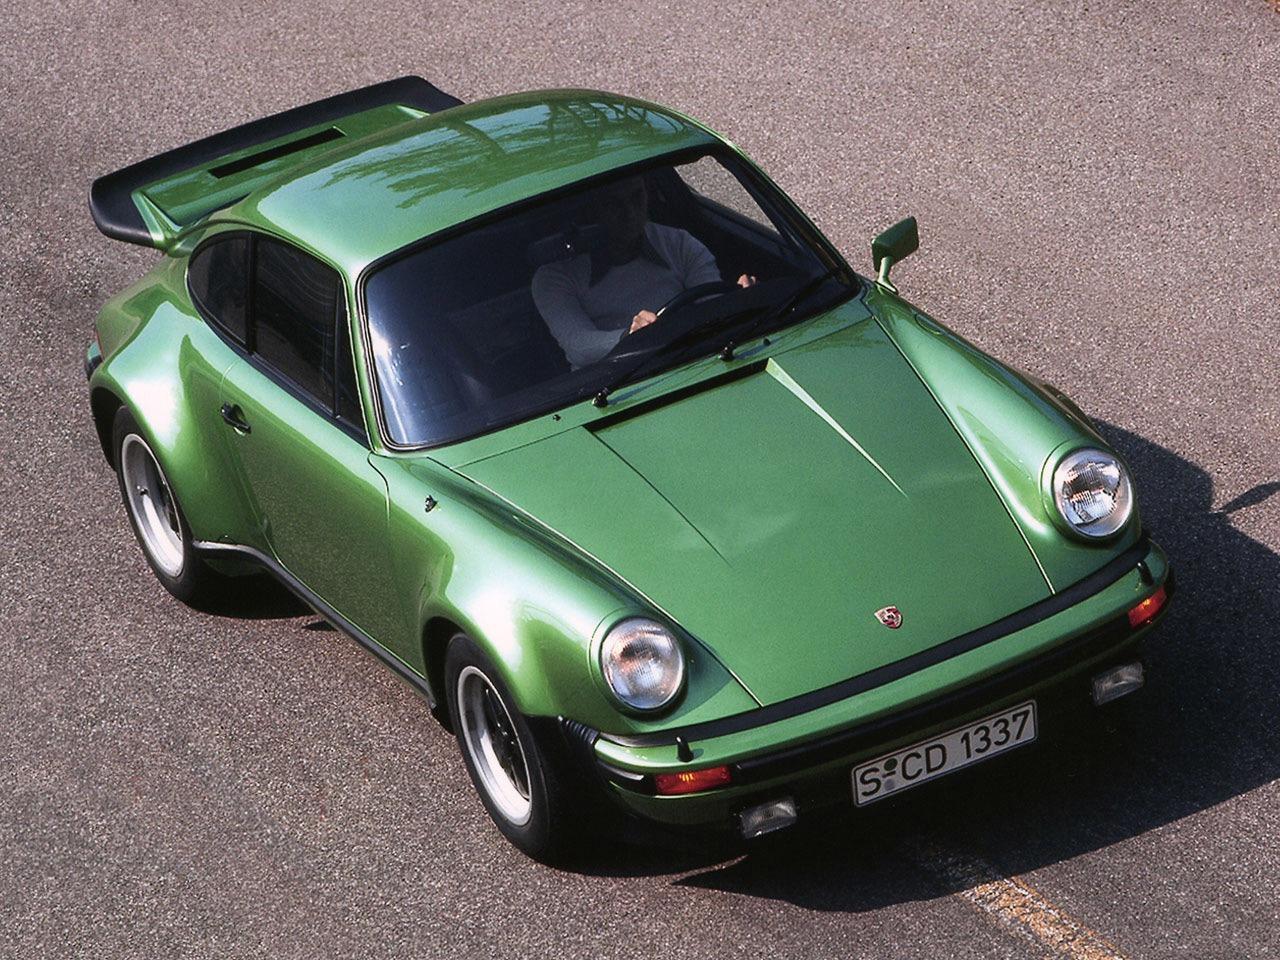 Porsche-911-930-Turbo-1974-01.jpg